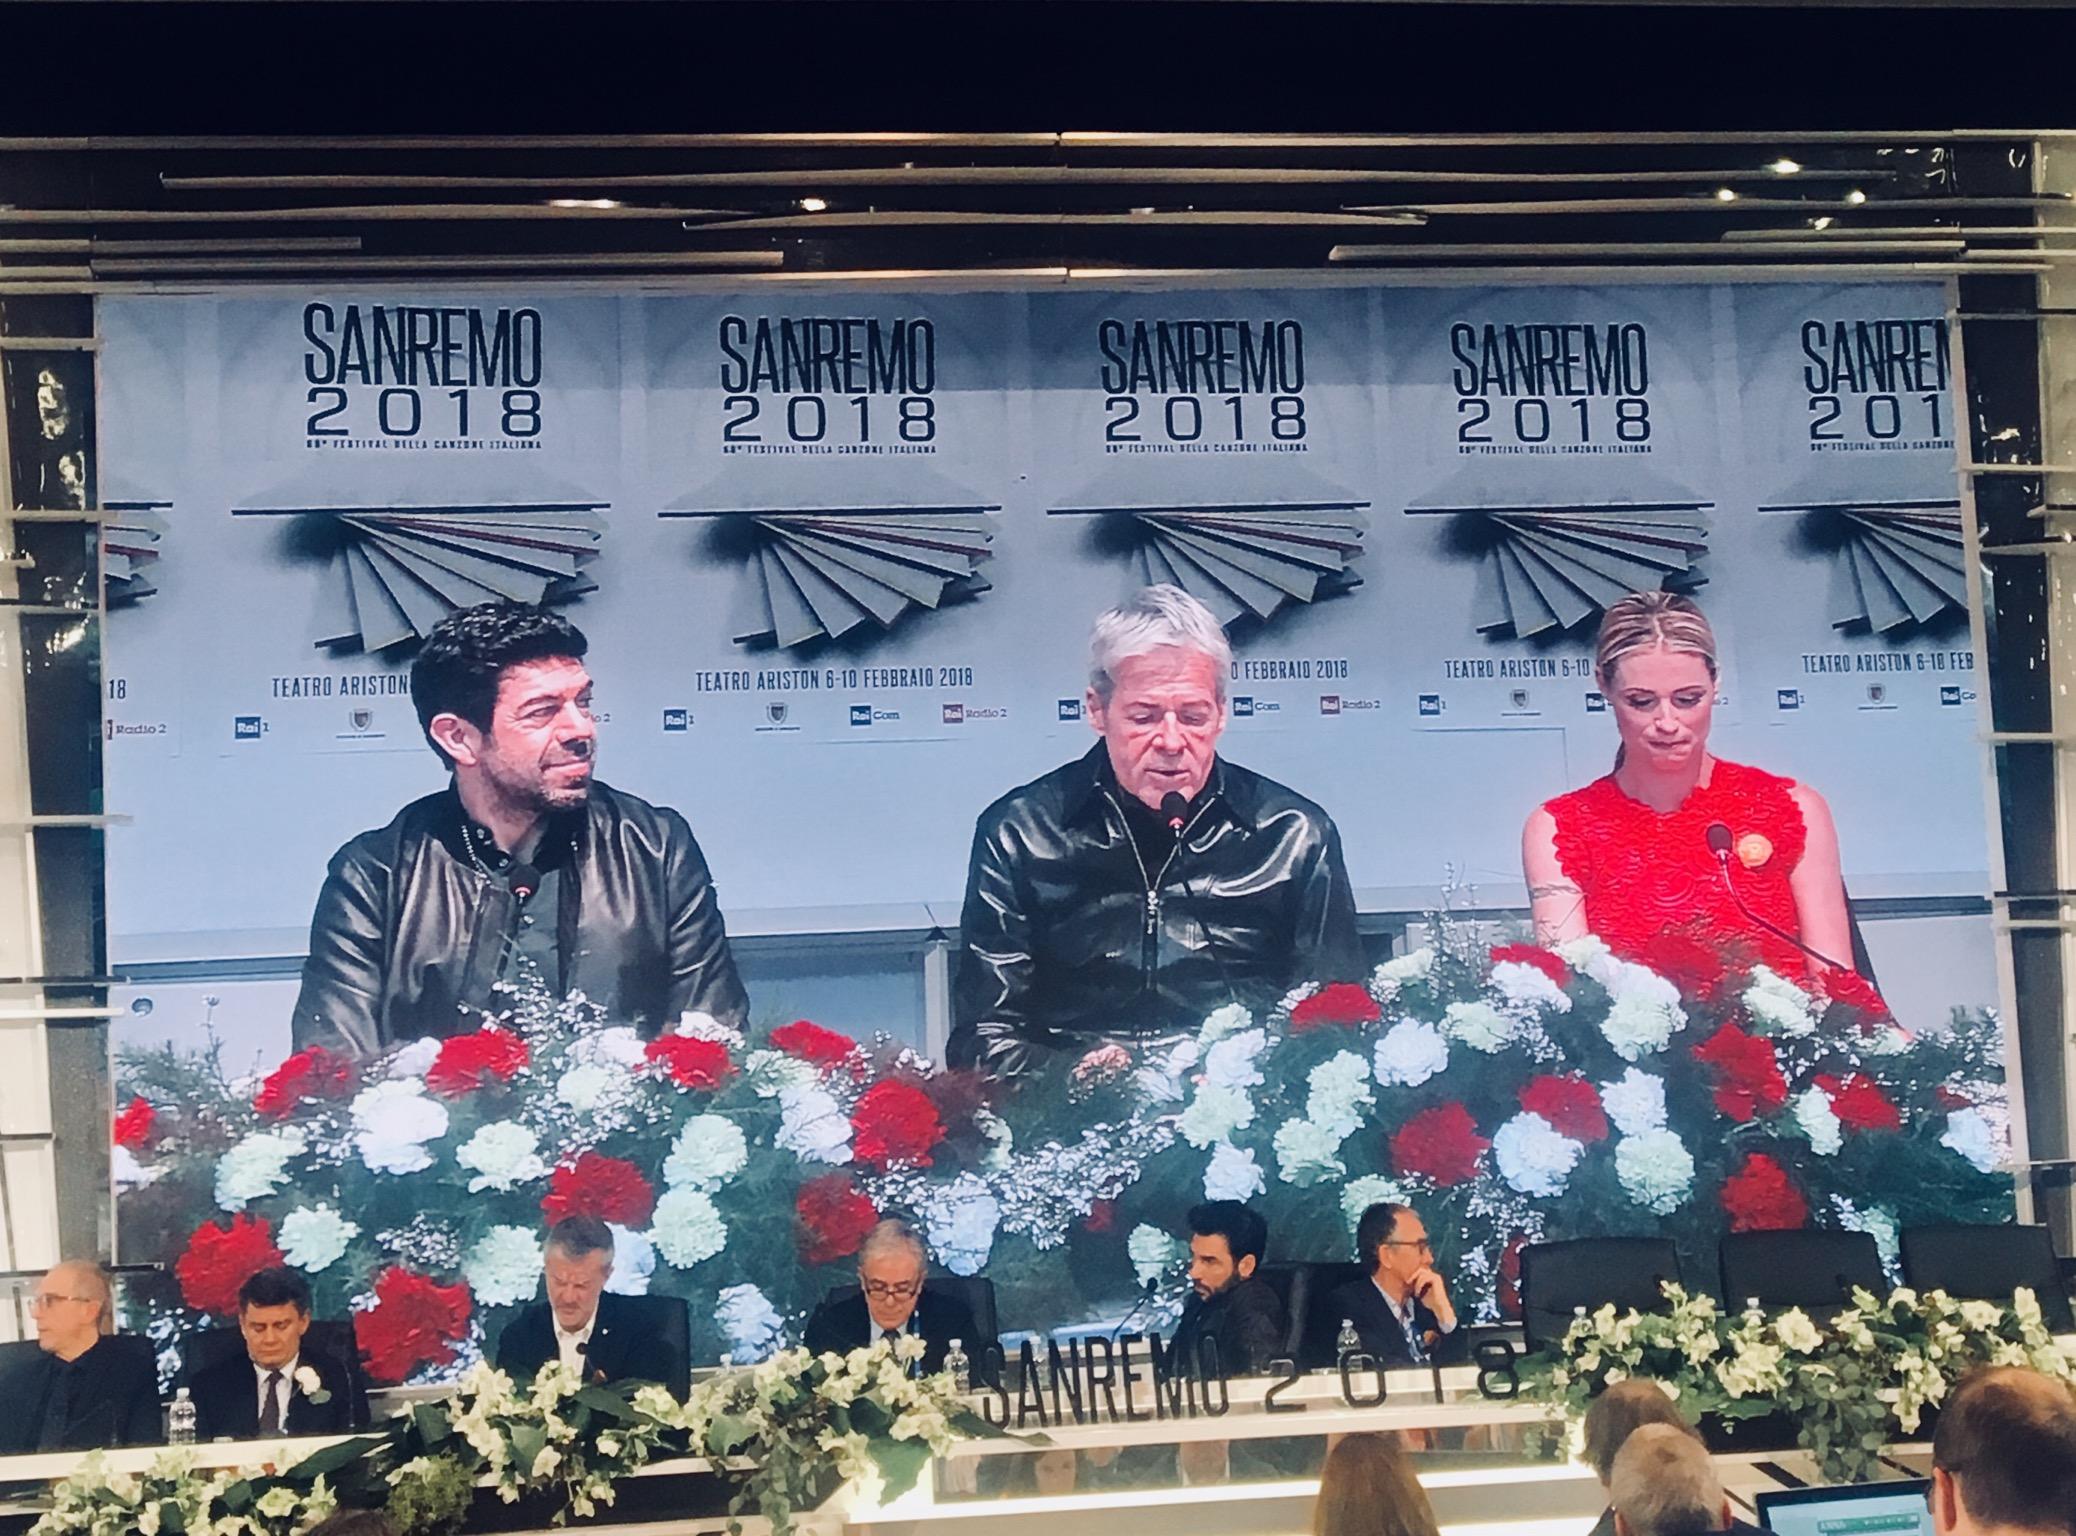 #SanremoFunky giorno 6: I vincitori delle Nuove Proposte <br> La finale e il mio podio